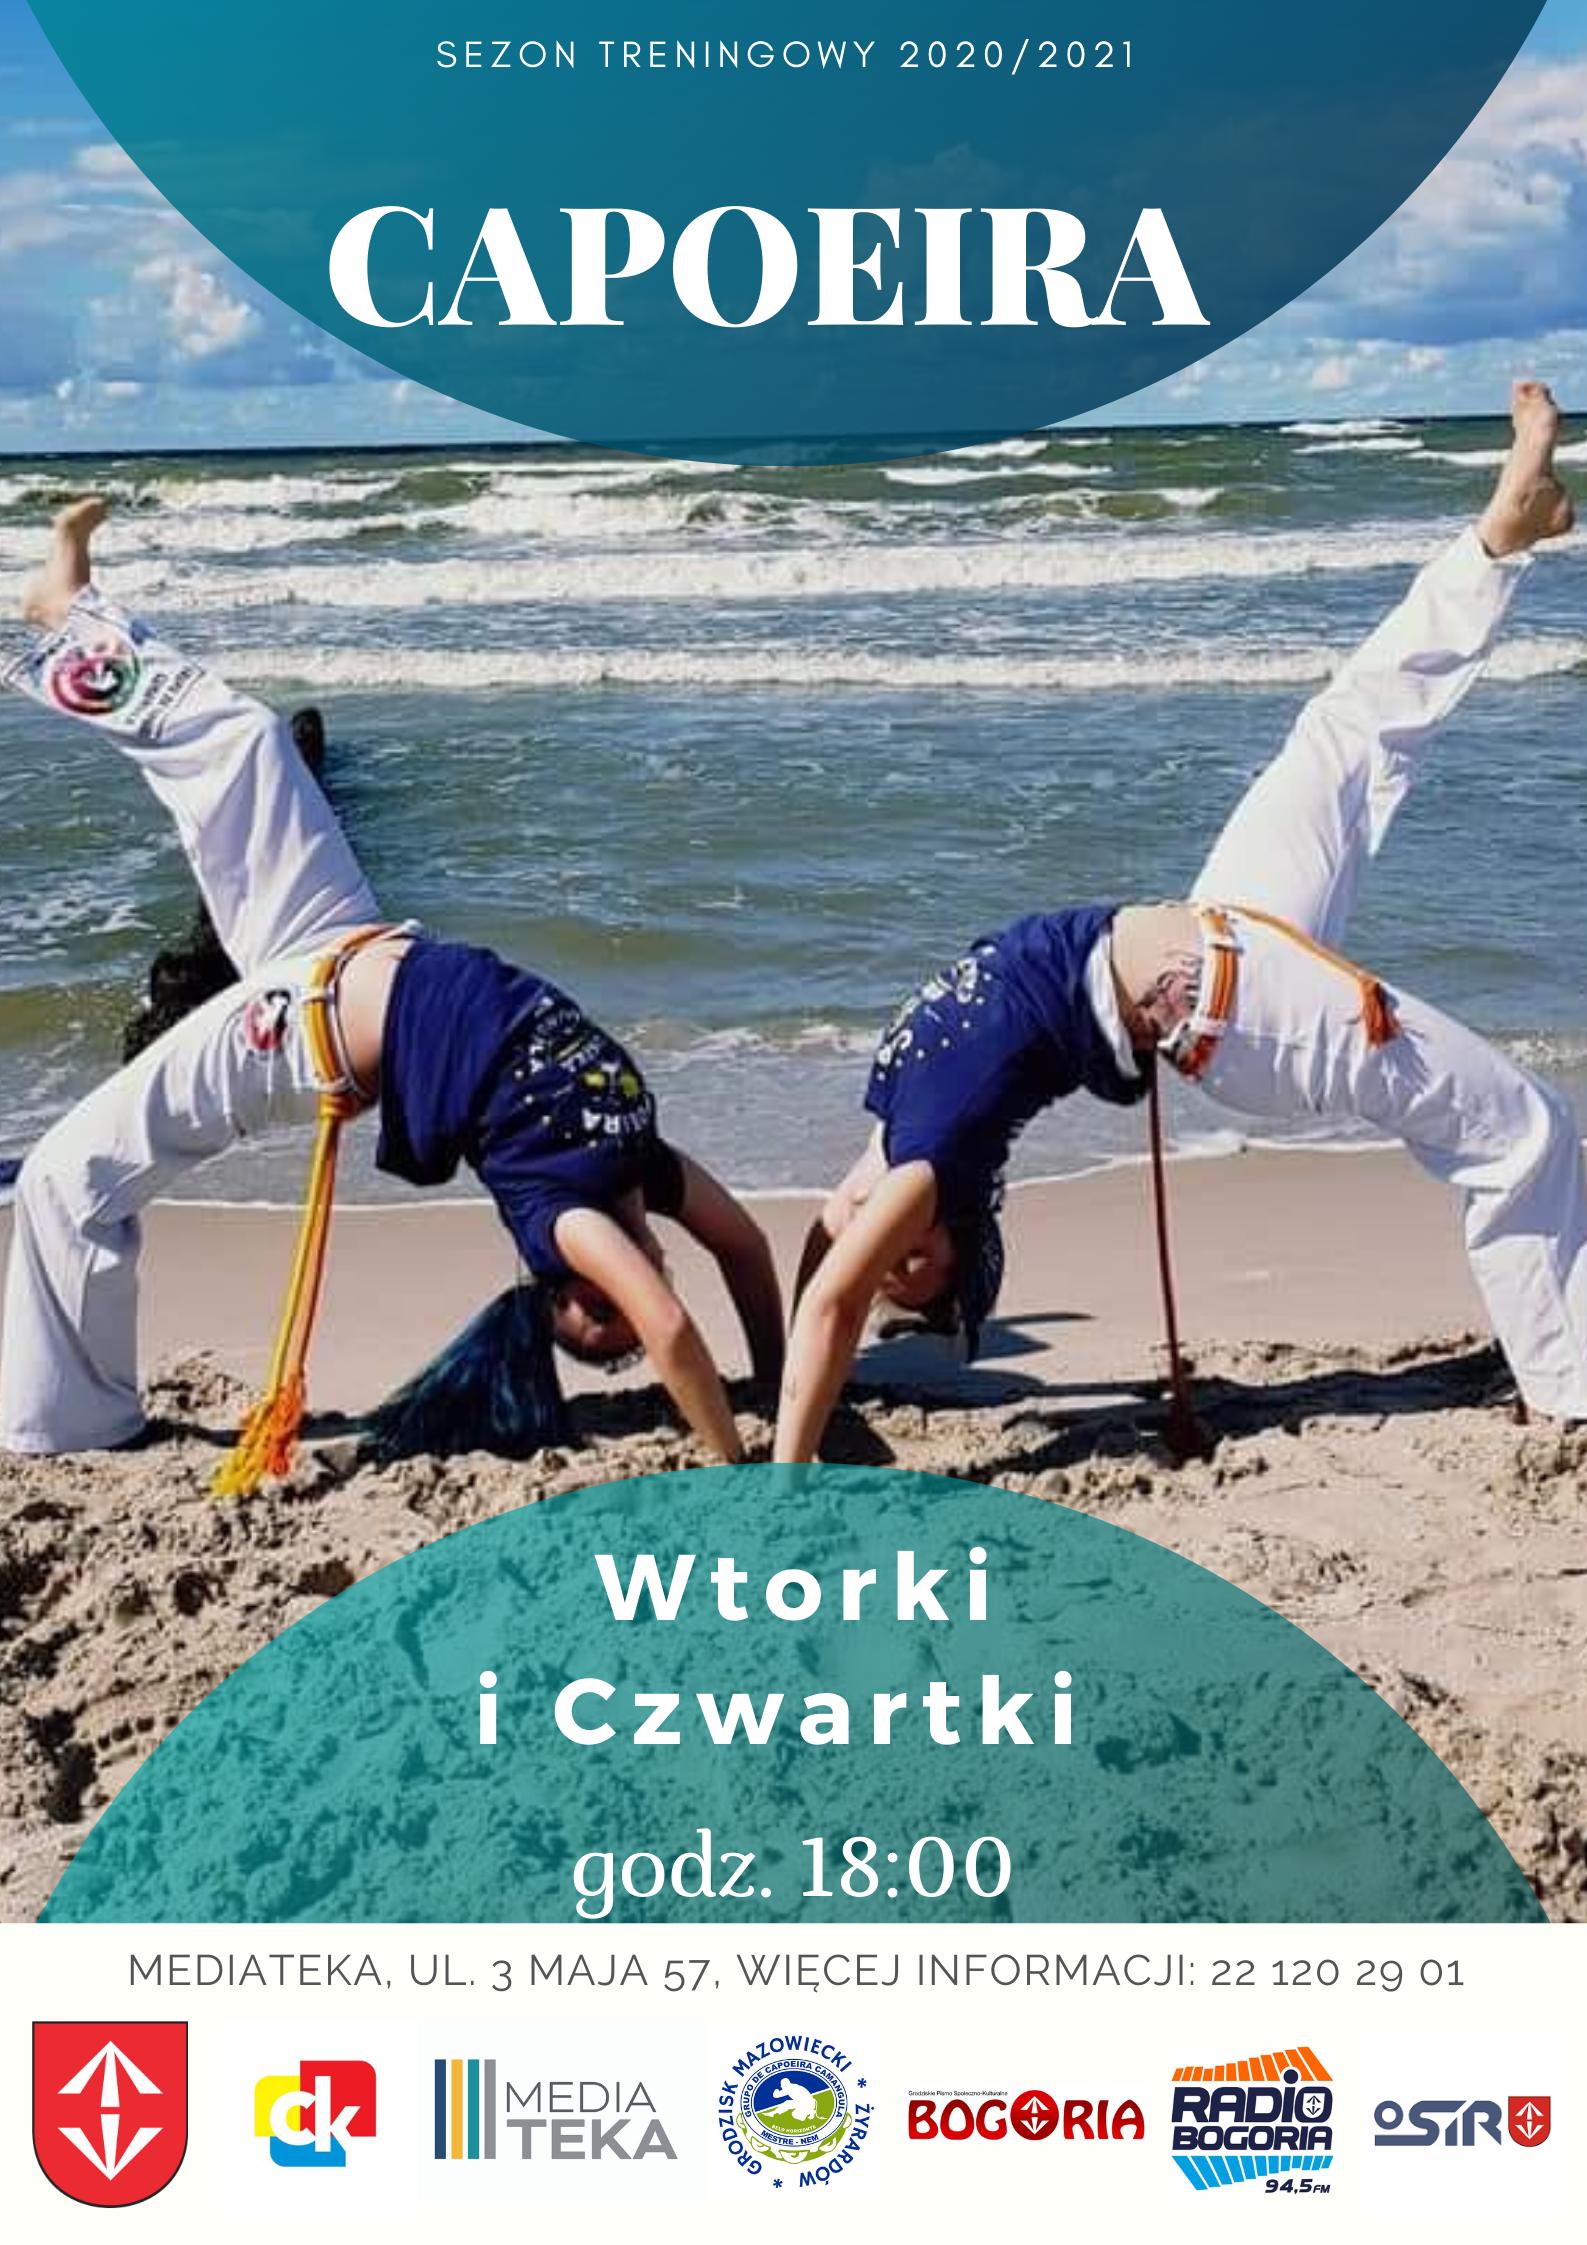 Plakat informujący o zajęciach z Capoeiry